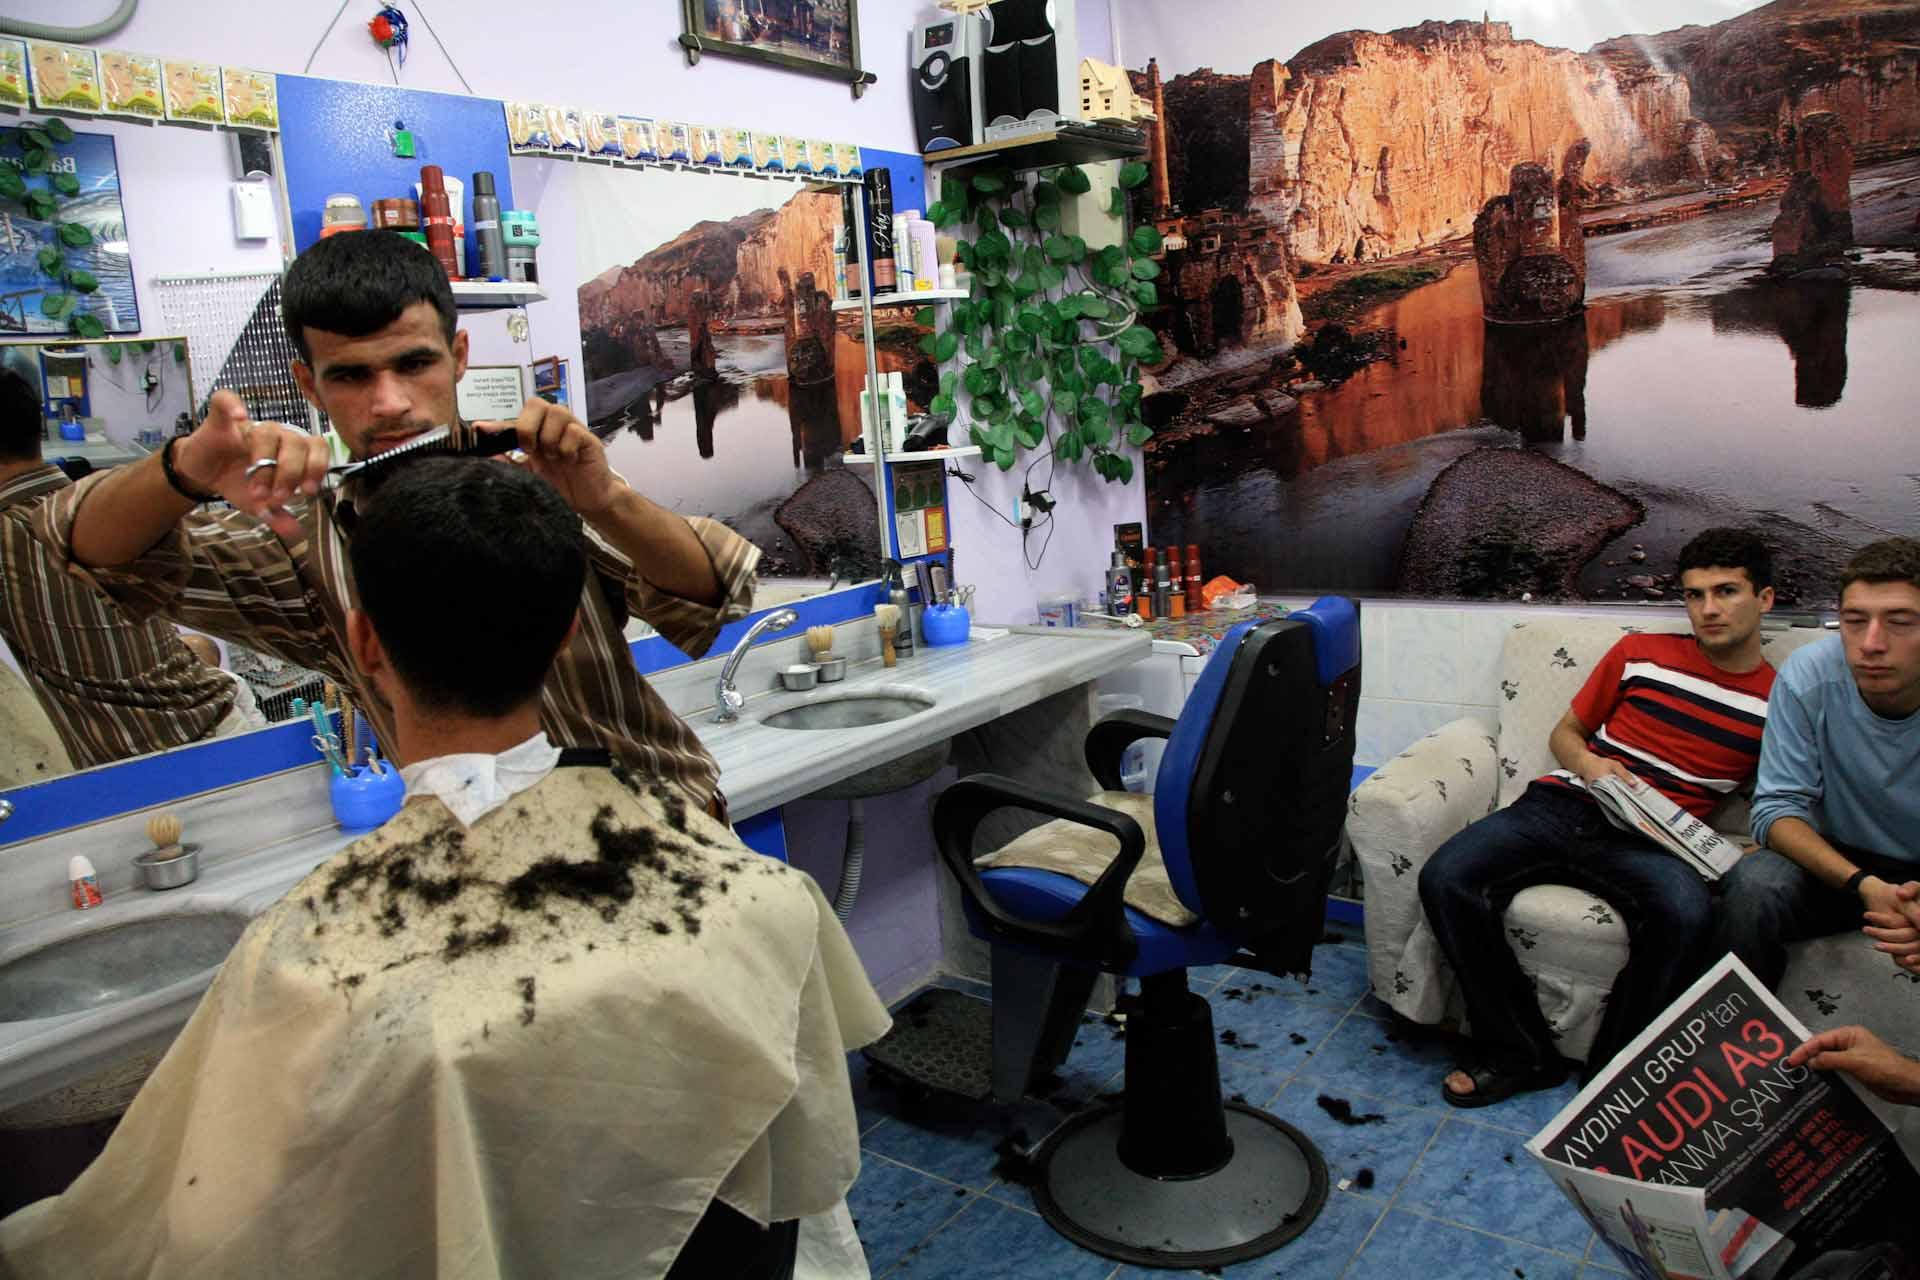 Am Ende der Fastenzeit Ramadan und vor dem höchsten türkischen Feiertag Ramadan haben die Friseure viel zu tun. Der Frisiersalon ist mit Fotos der einzigartigen, mittelalterlichen, durch das Ilisu-Staudamm-Projekt bedrohten Steinbruecke des Ortes geschmückt.